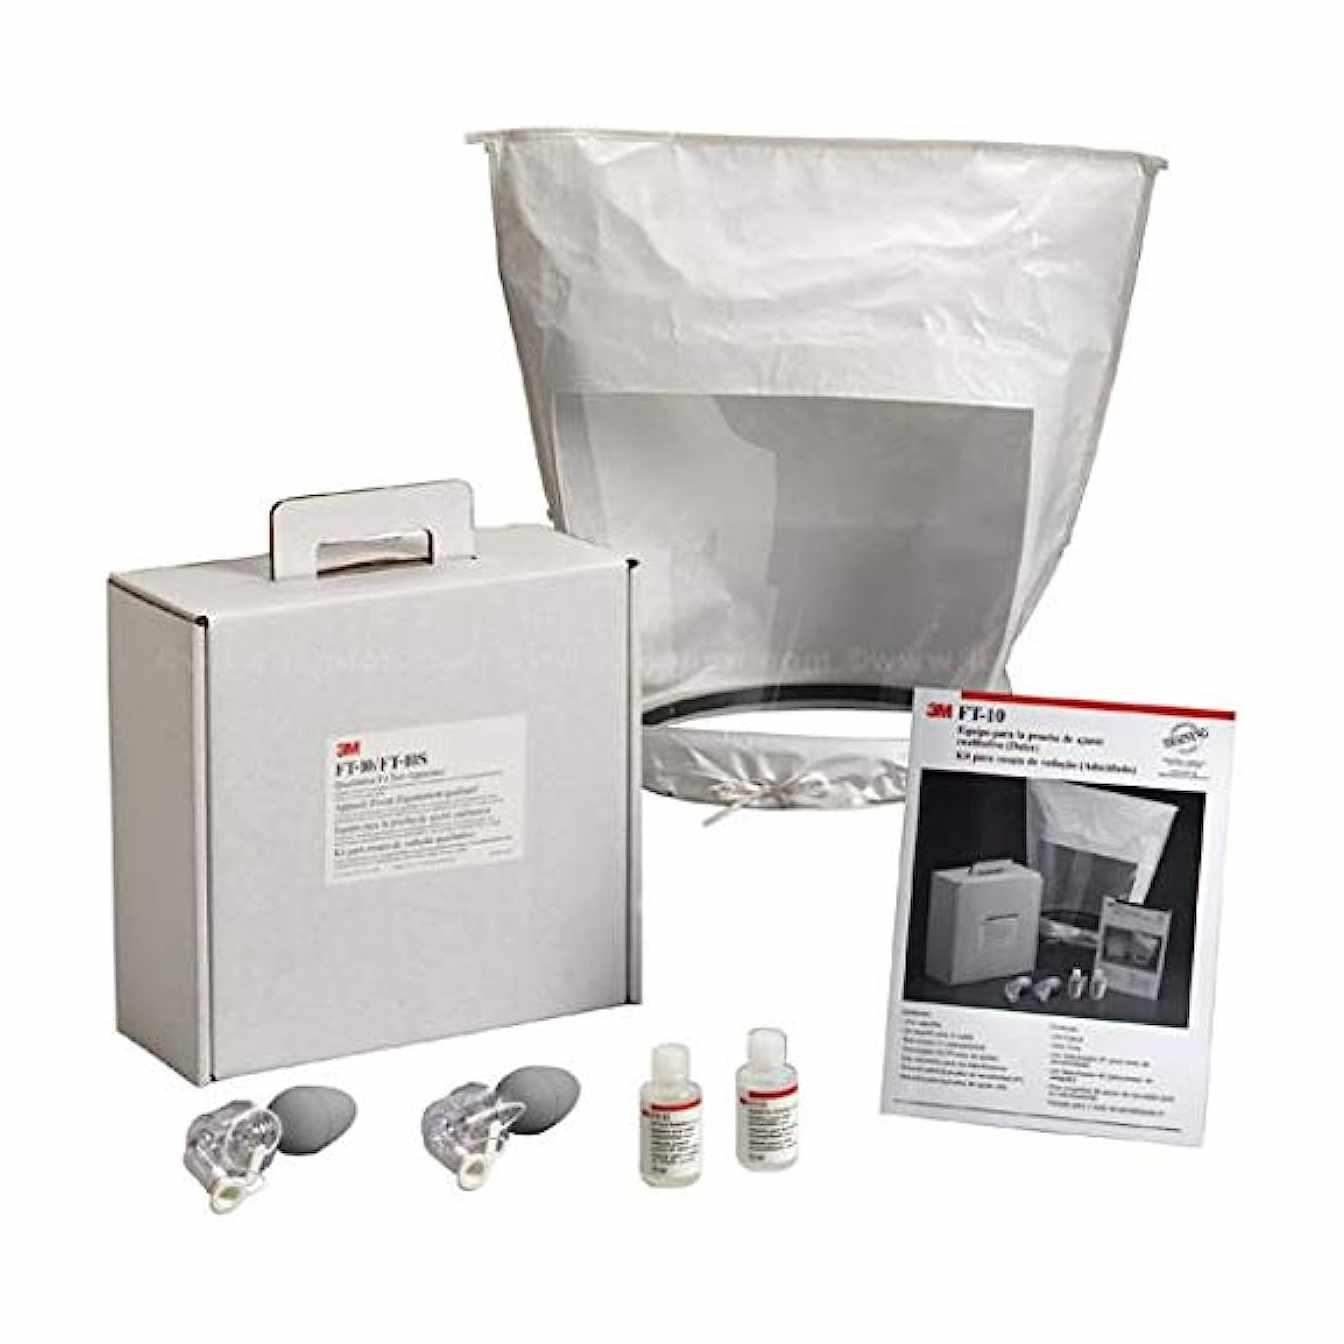 3M Qualitative Fit Test Kit, Sweet